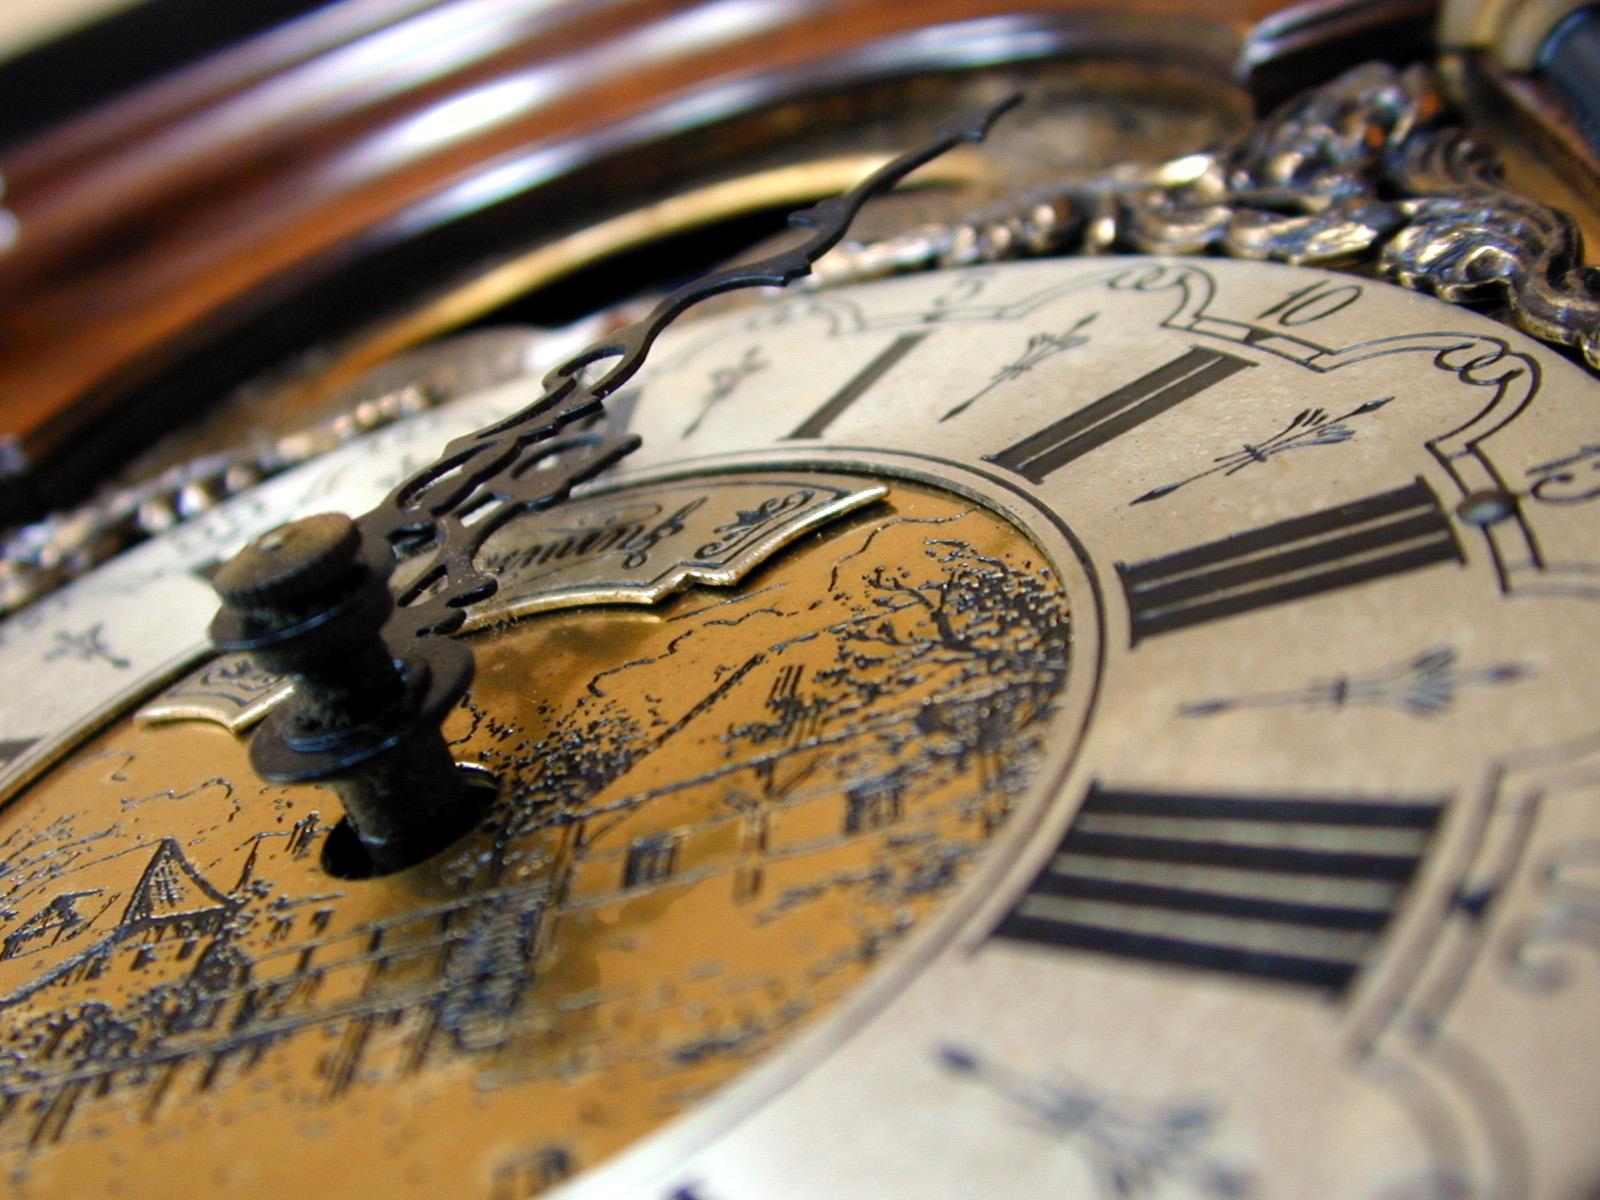 Productividad en el trabajo quieres lograr mas en menos tiempo -  criz urzua